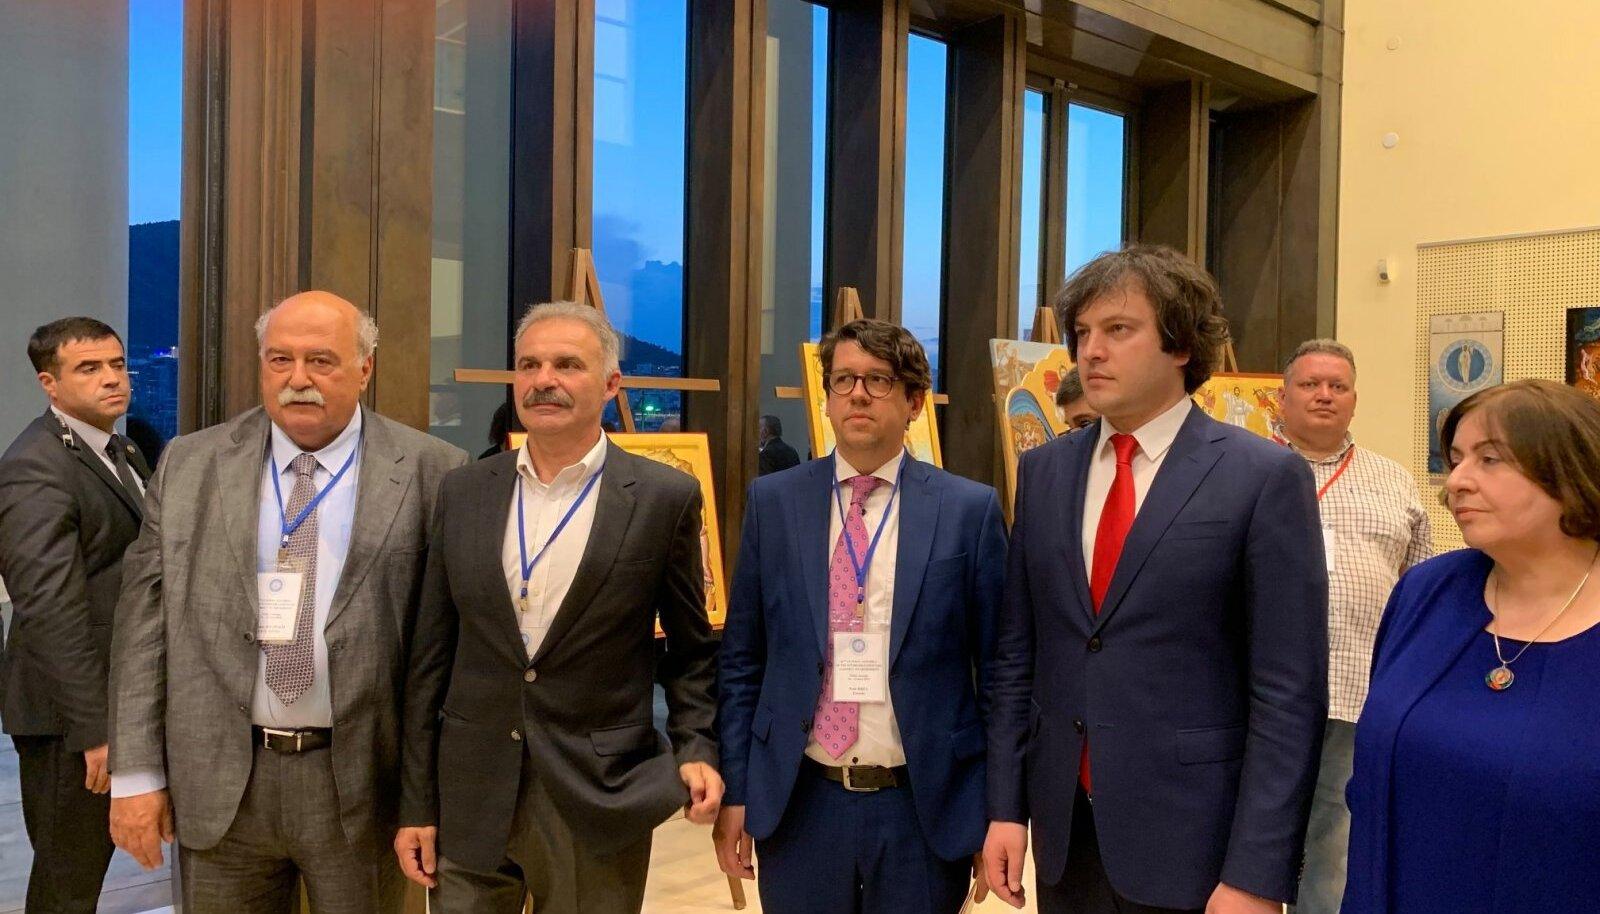 Priit Sibul, kelle vasakul käel on Irakli Kobakhidze, kelle tagasiastumist grusiinid nõuavad